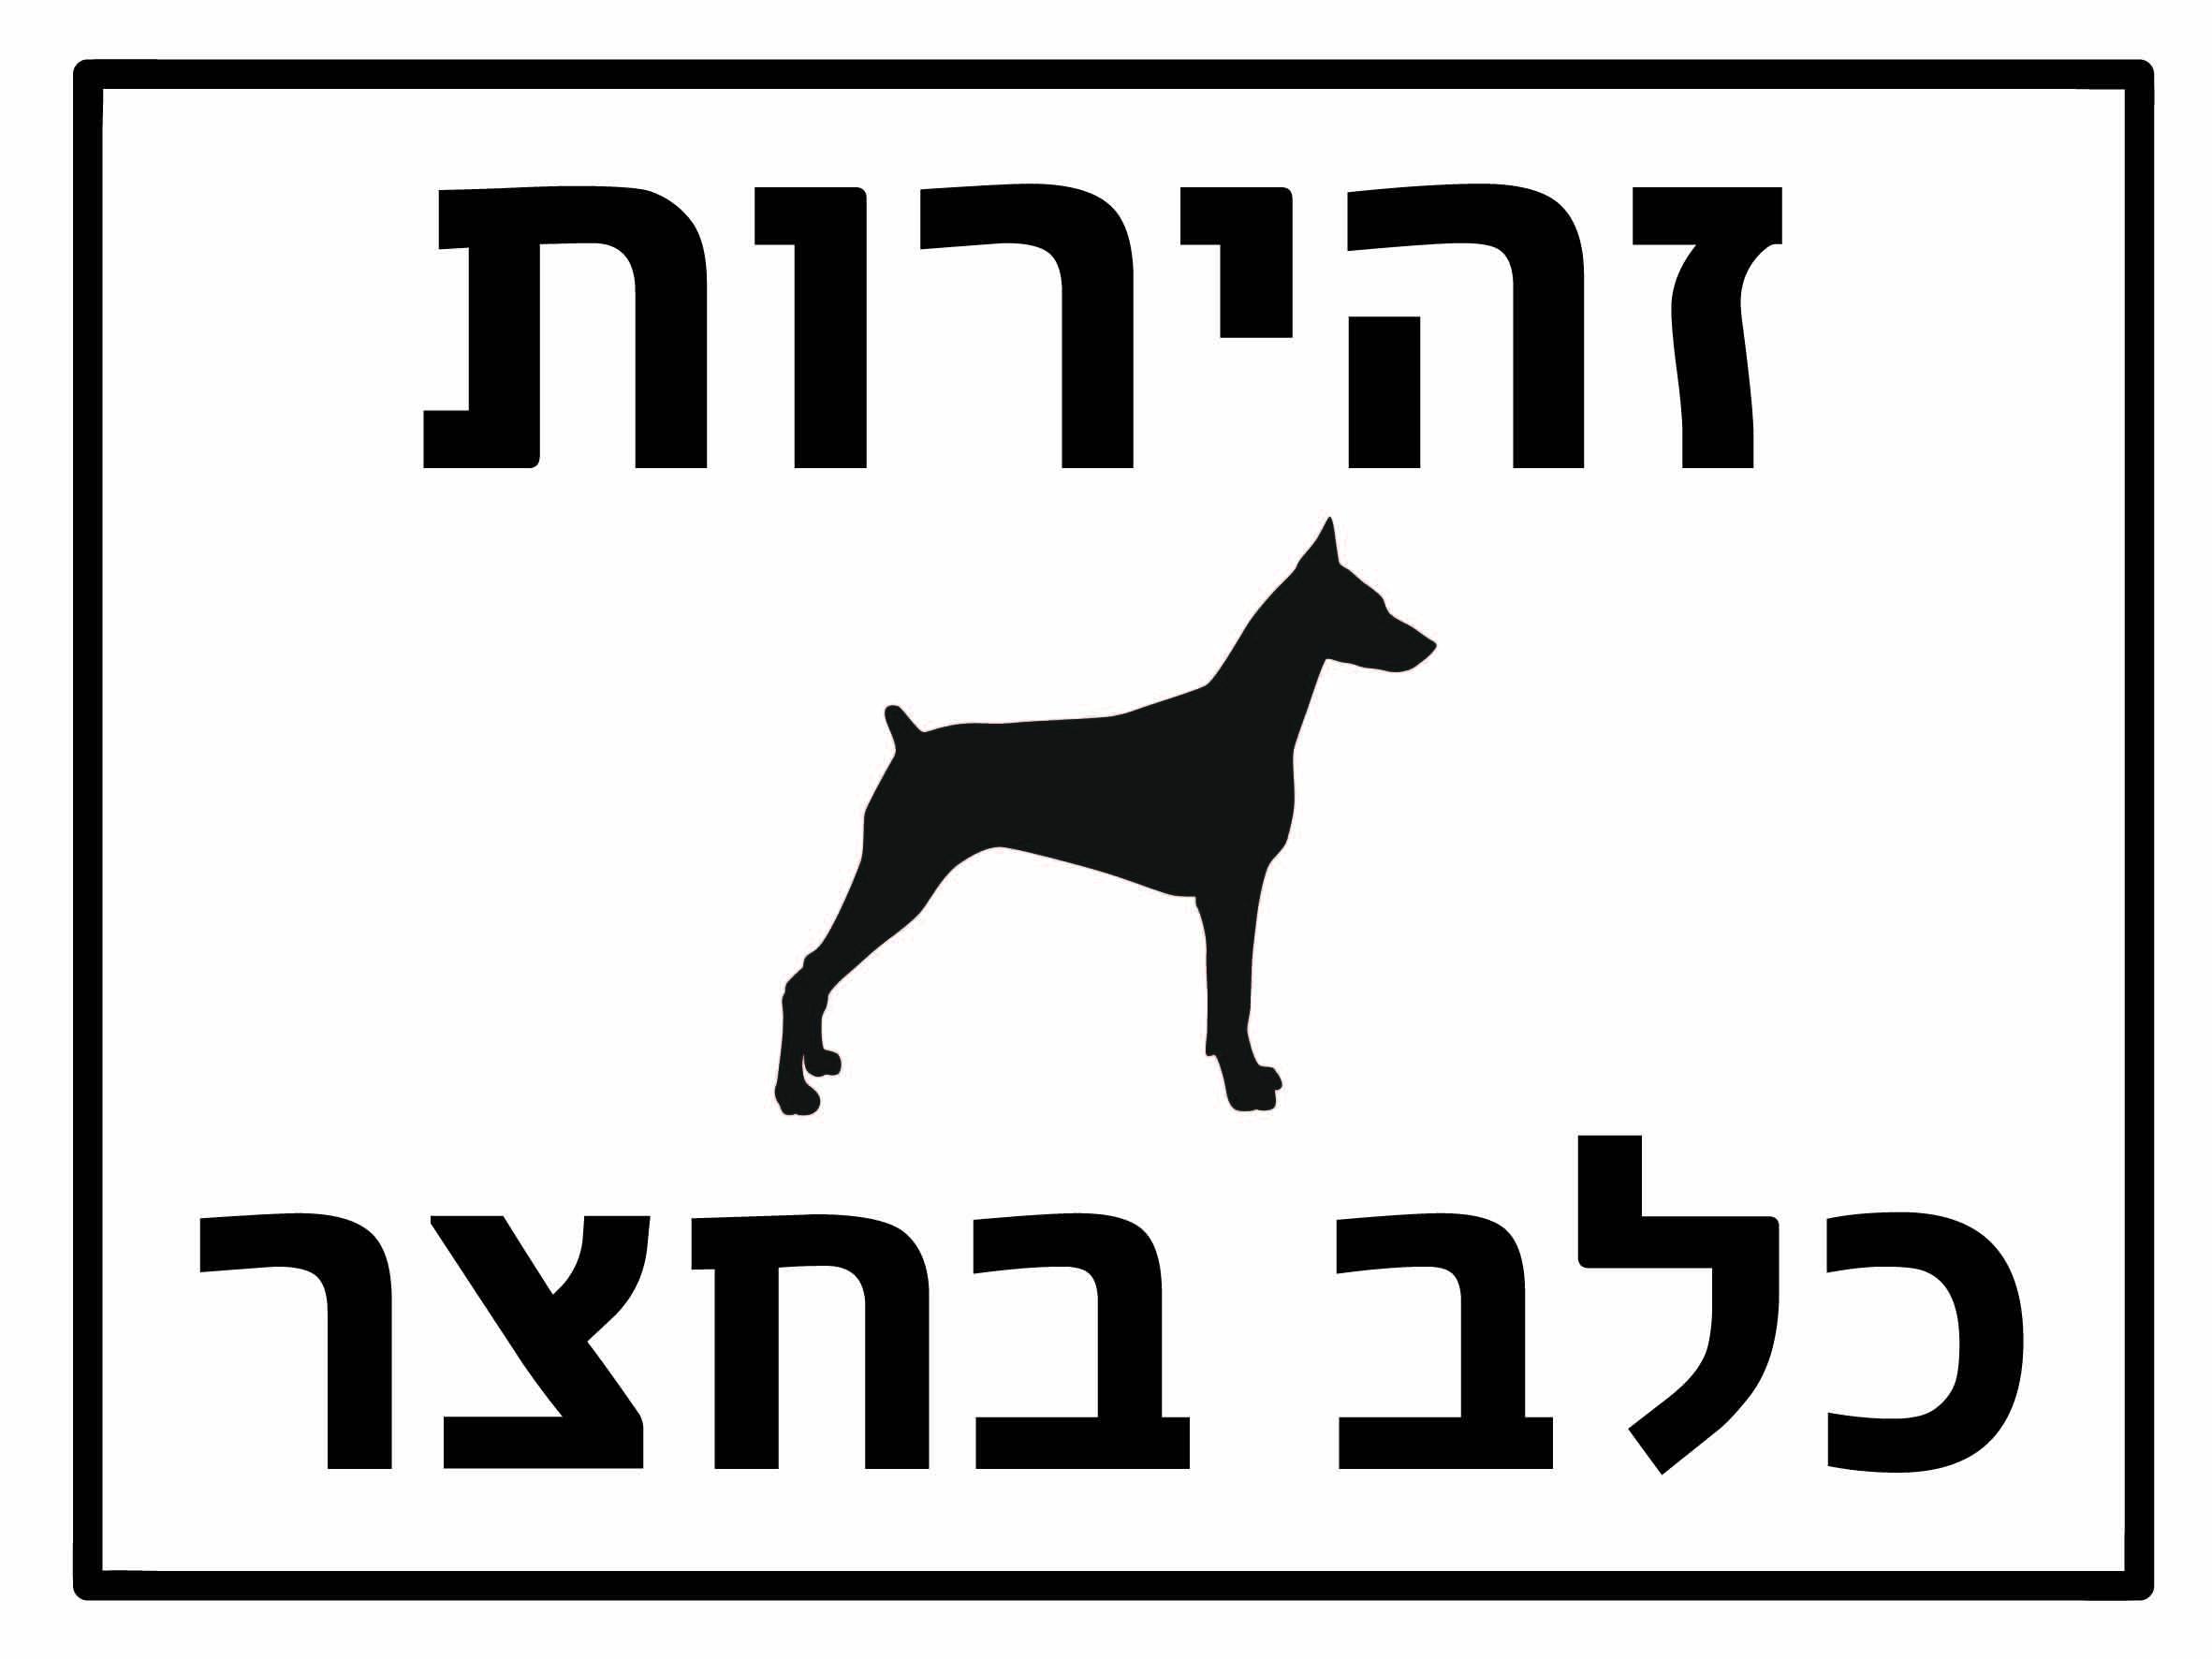 זהירות כלב בחצר גדלים לפי דרישה